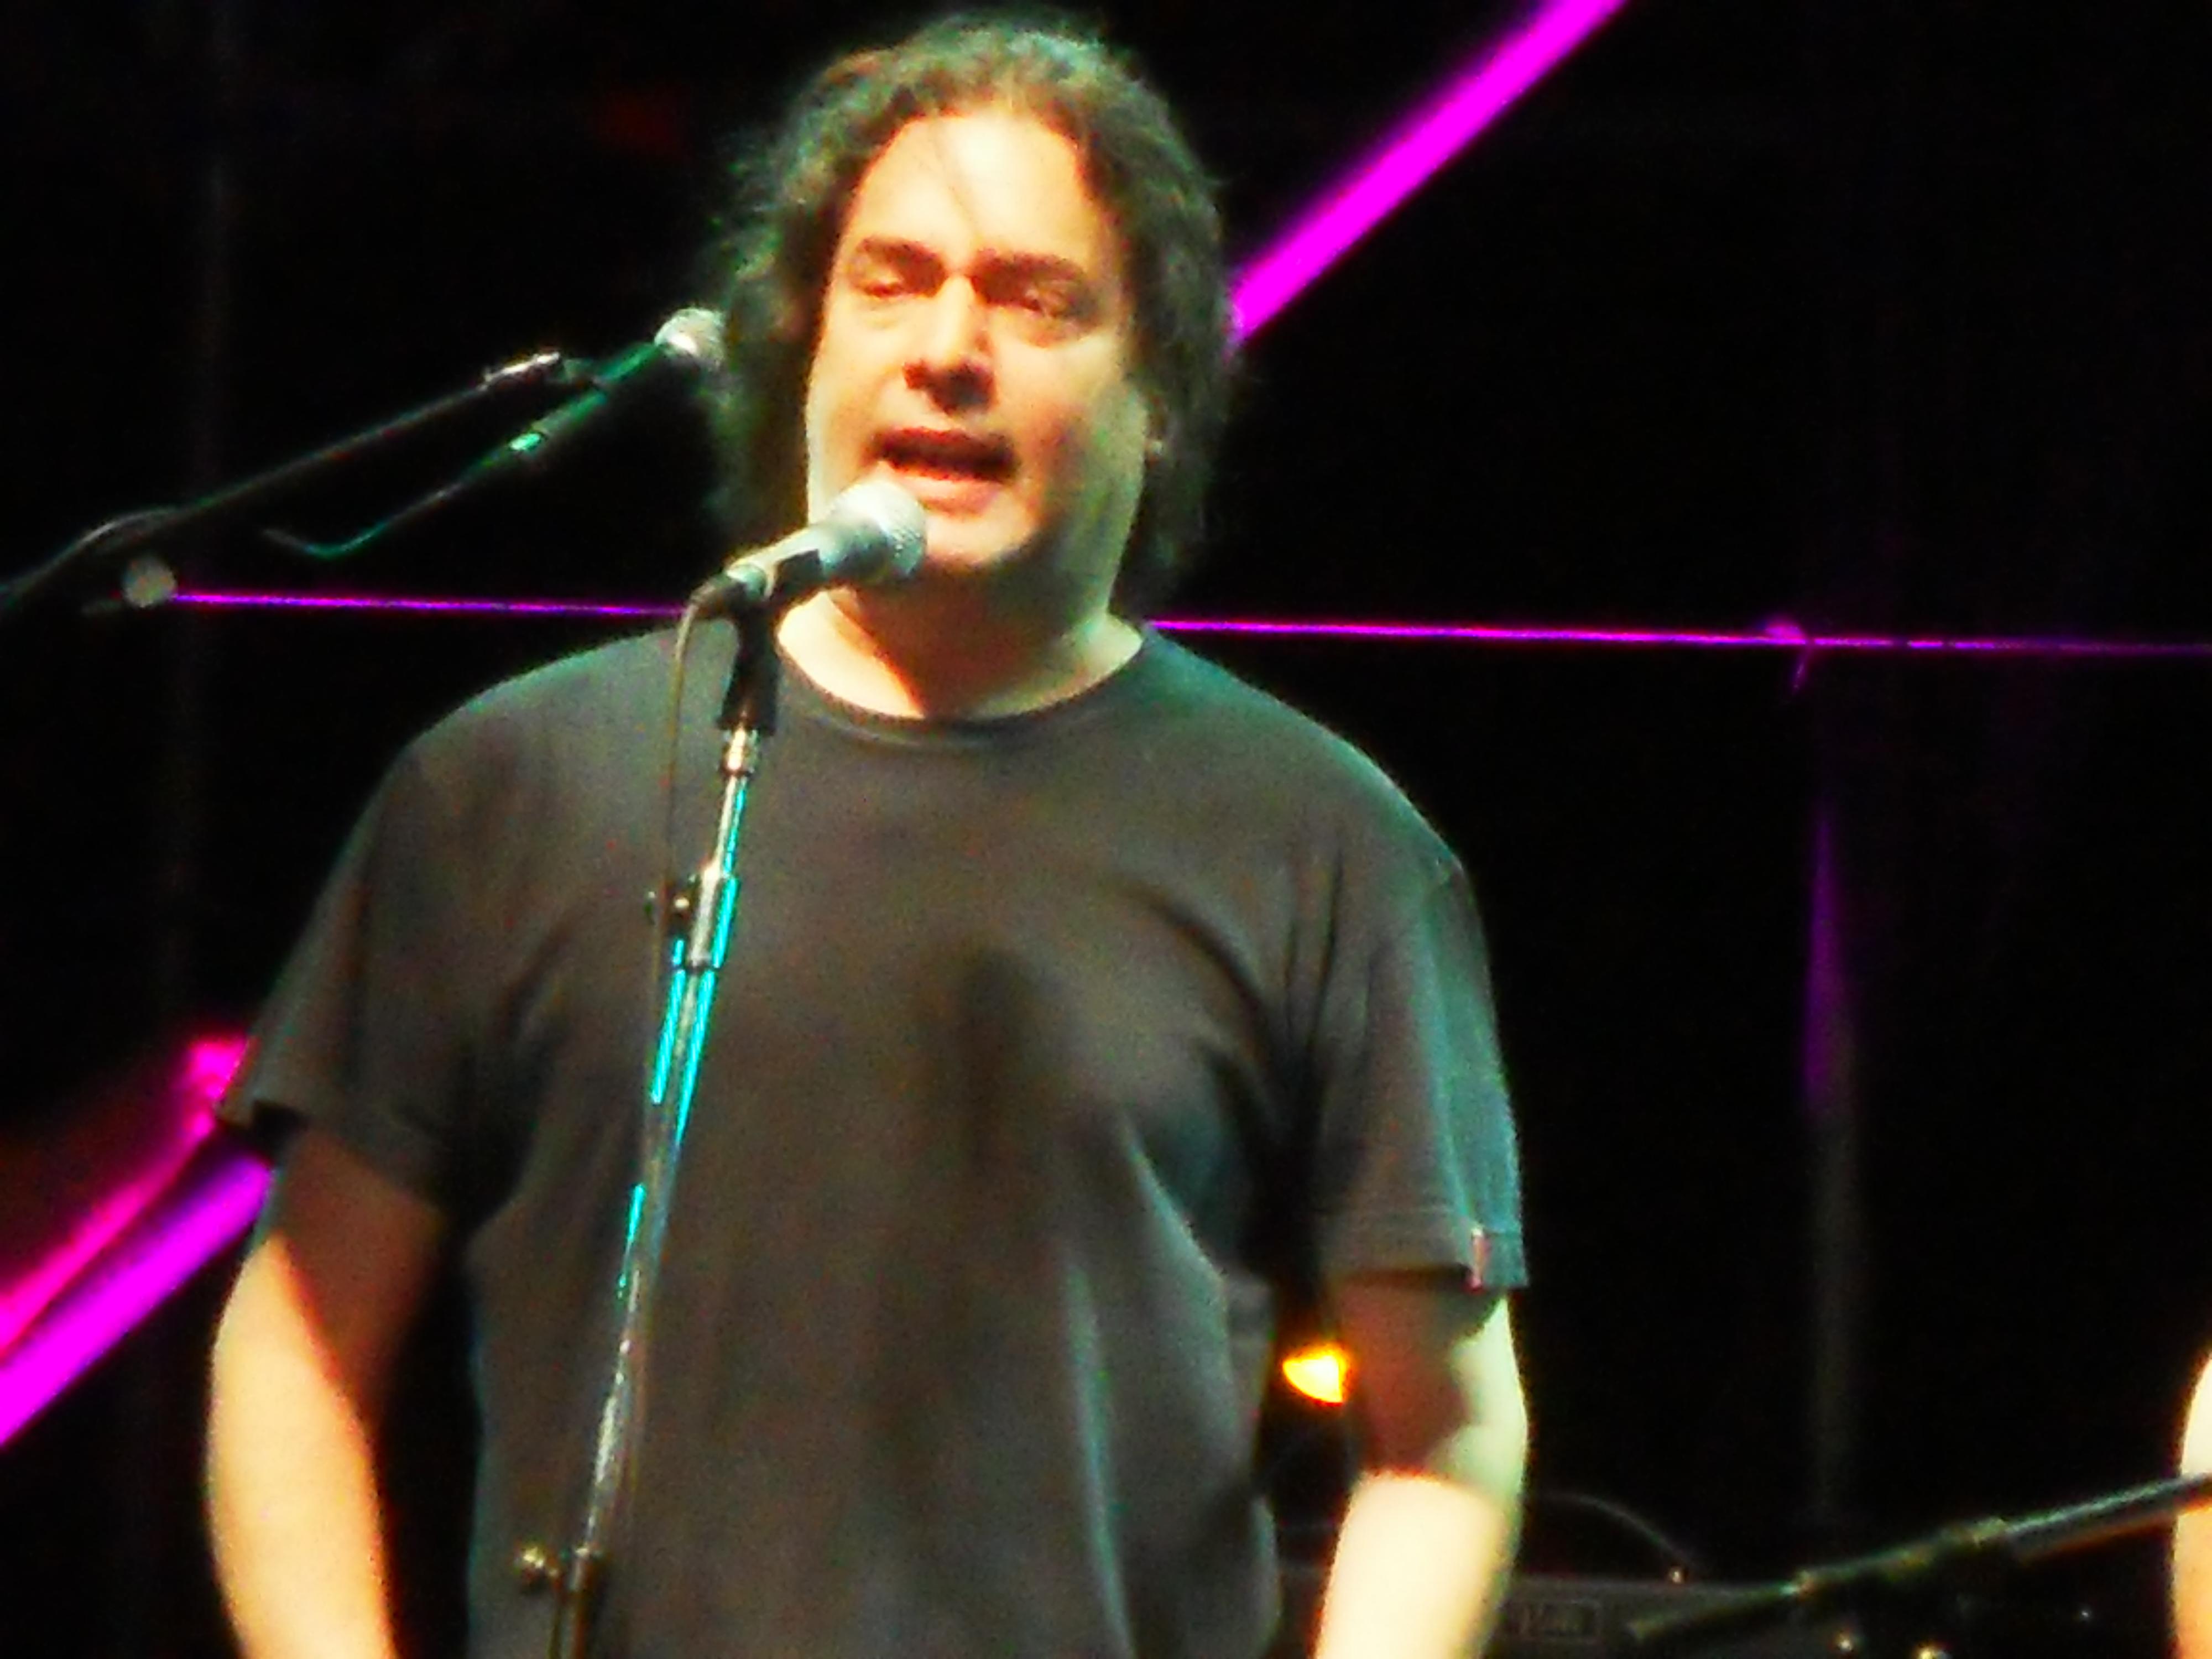 Fernando Barrientos en concierto. 15 de diciembre de 2013.